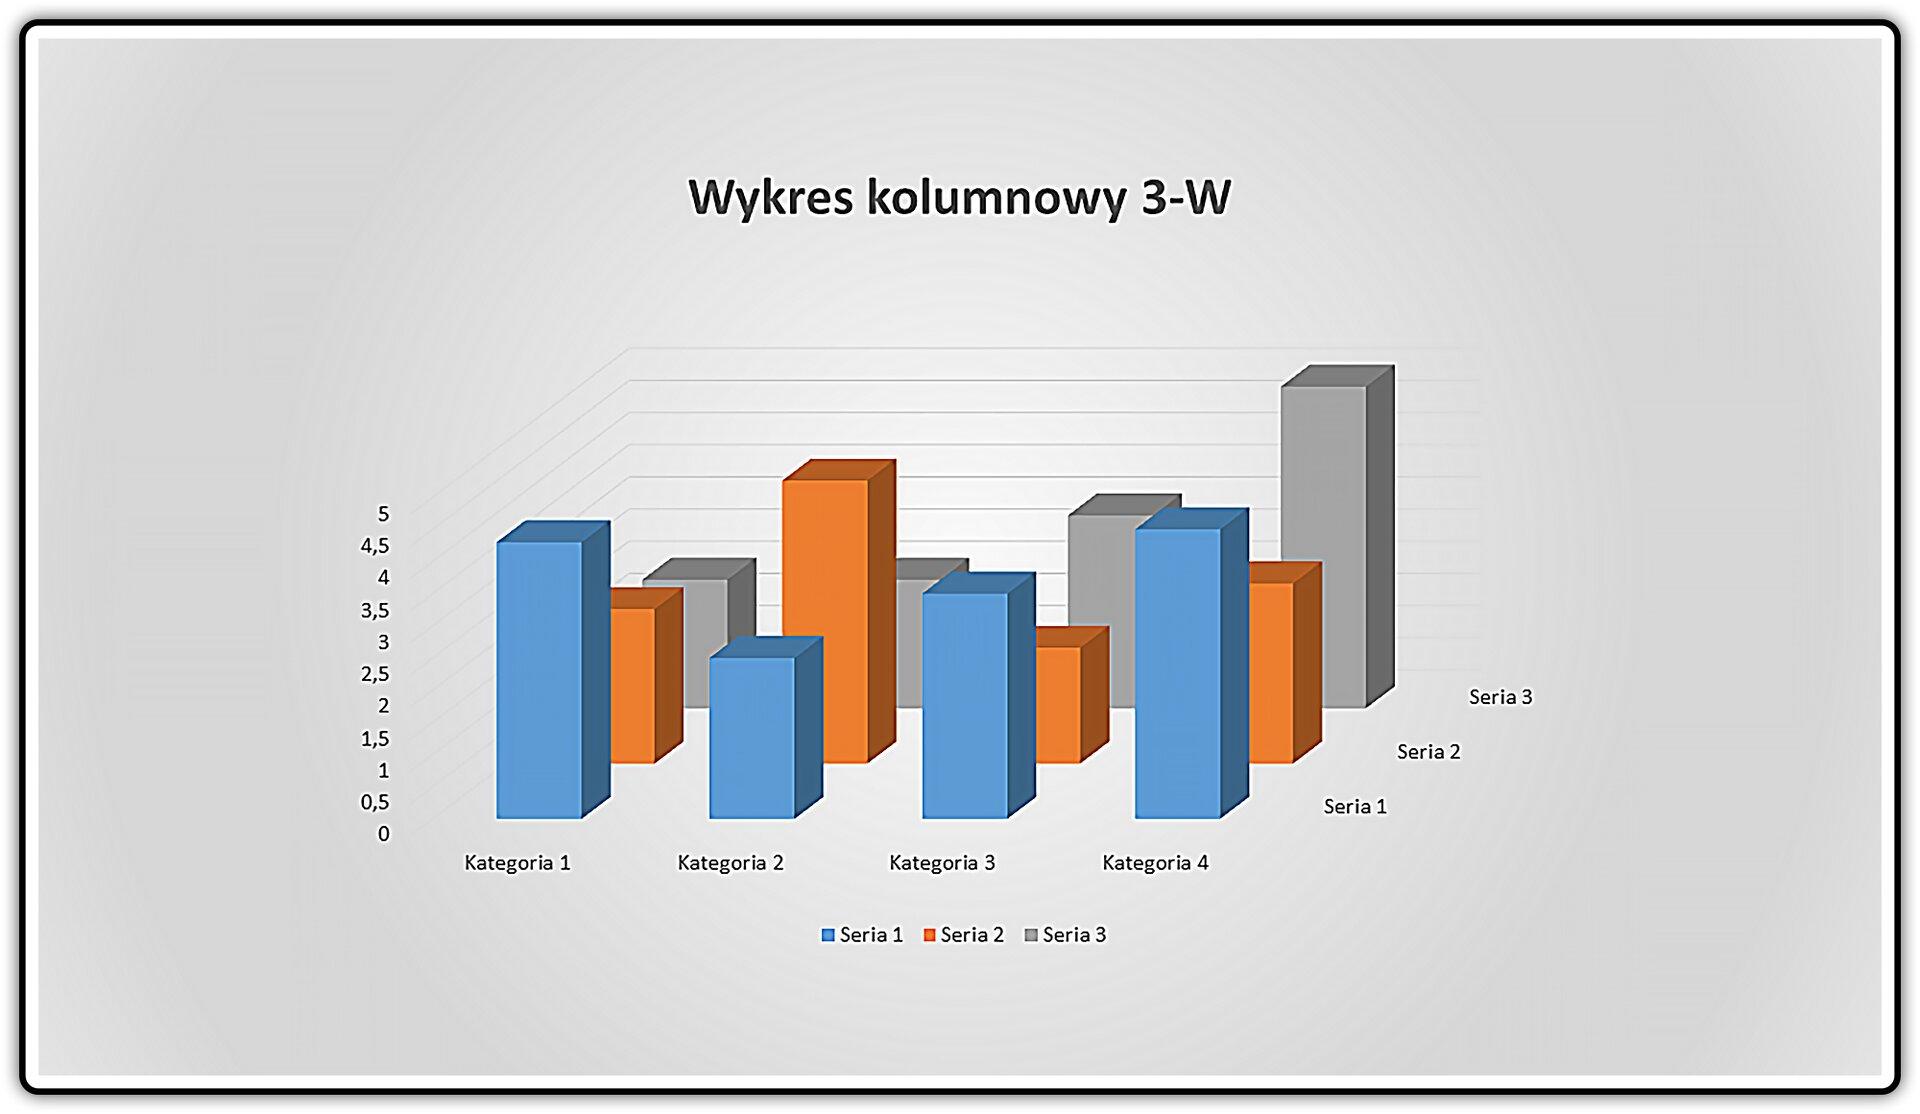 Slajd 2 galerii zrzutów slajdów zpodstawowymi typami wykresów